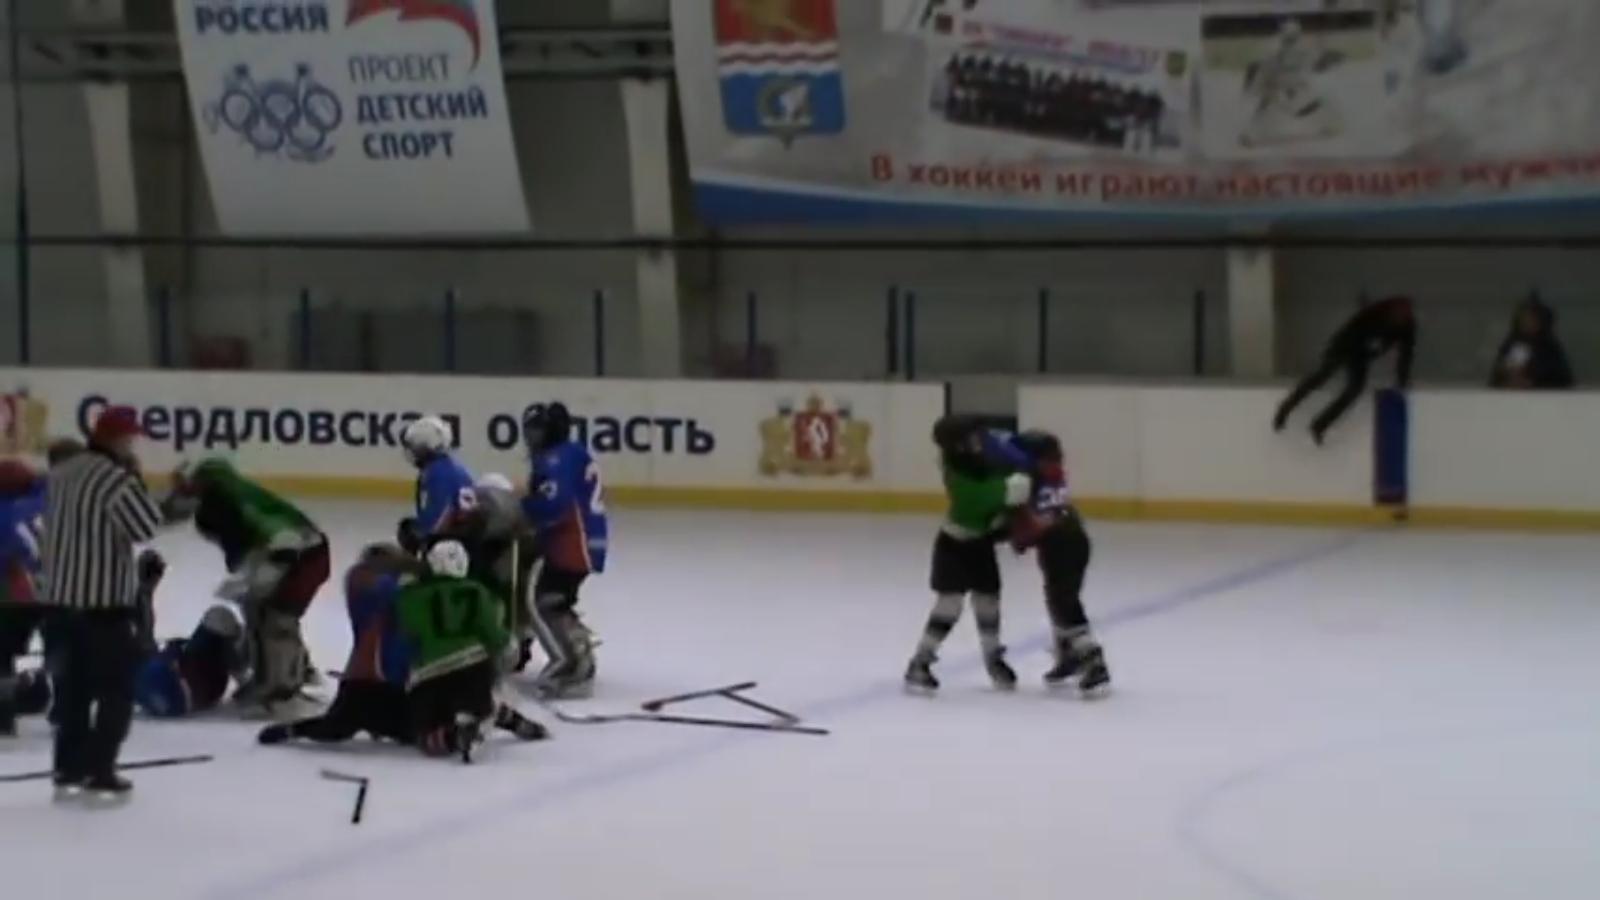 Хоккейный поединок в Каменске-Уральском закончился массовой дракой (видео)